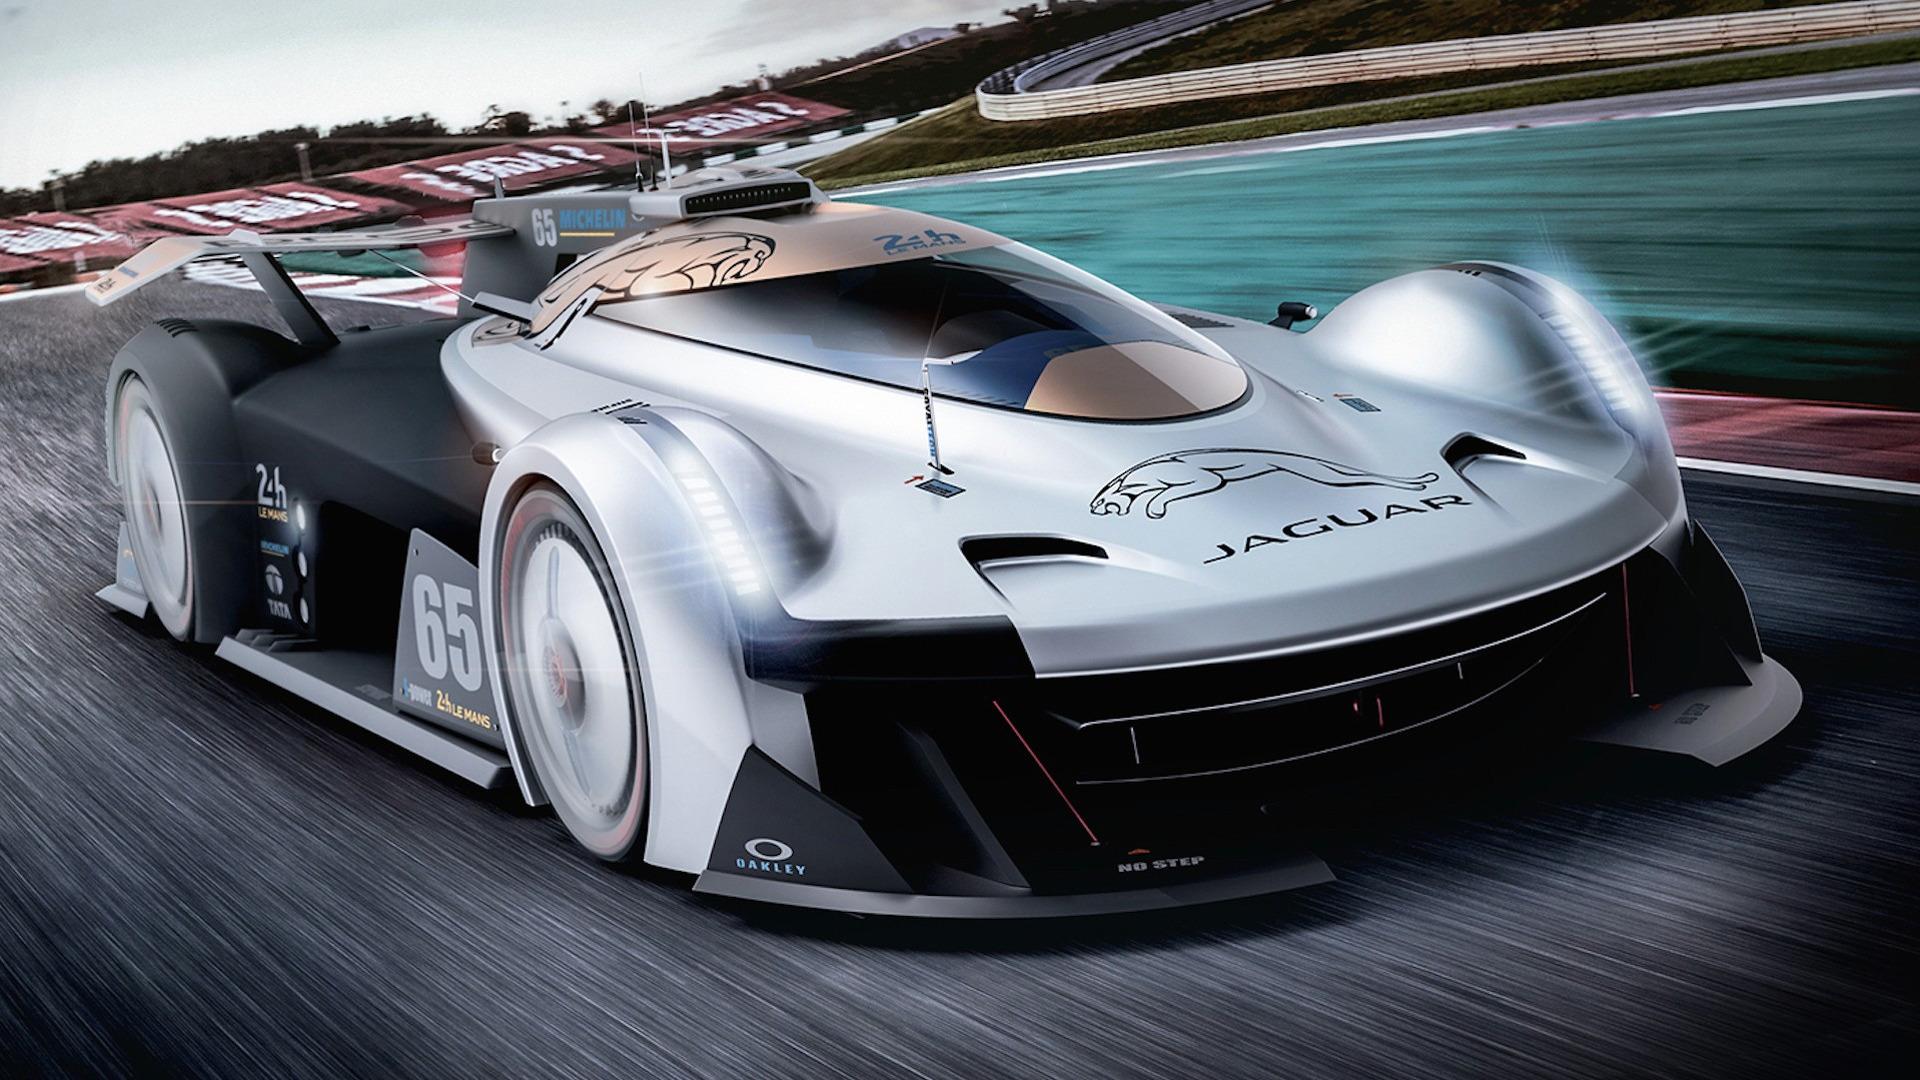 Jaguar SS-107, el coche de Le Mans en 2030 - Periódico El ...